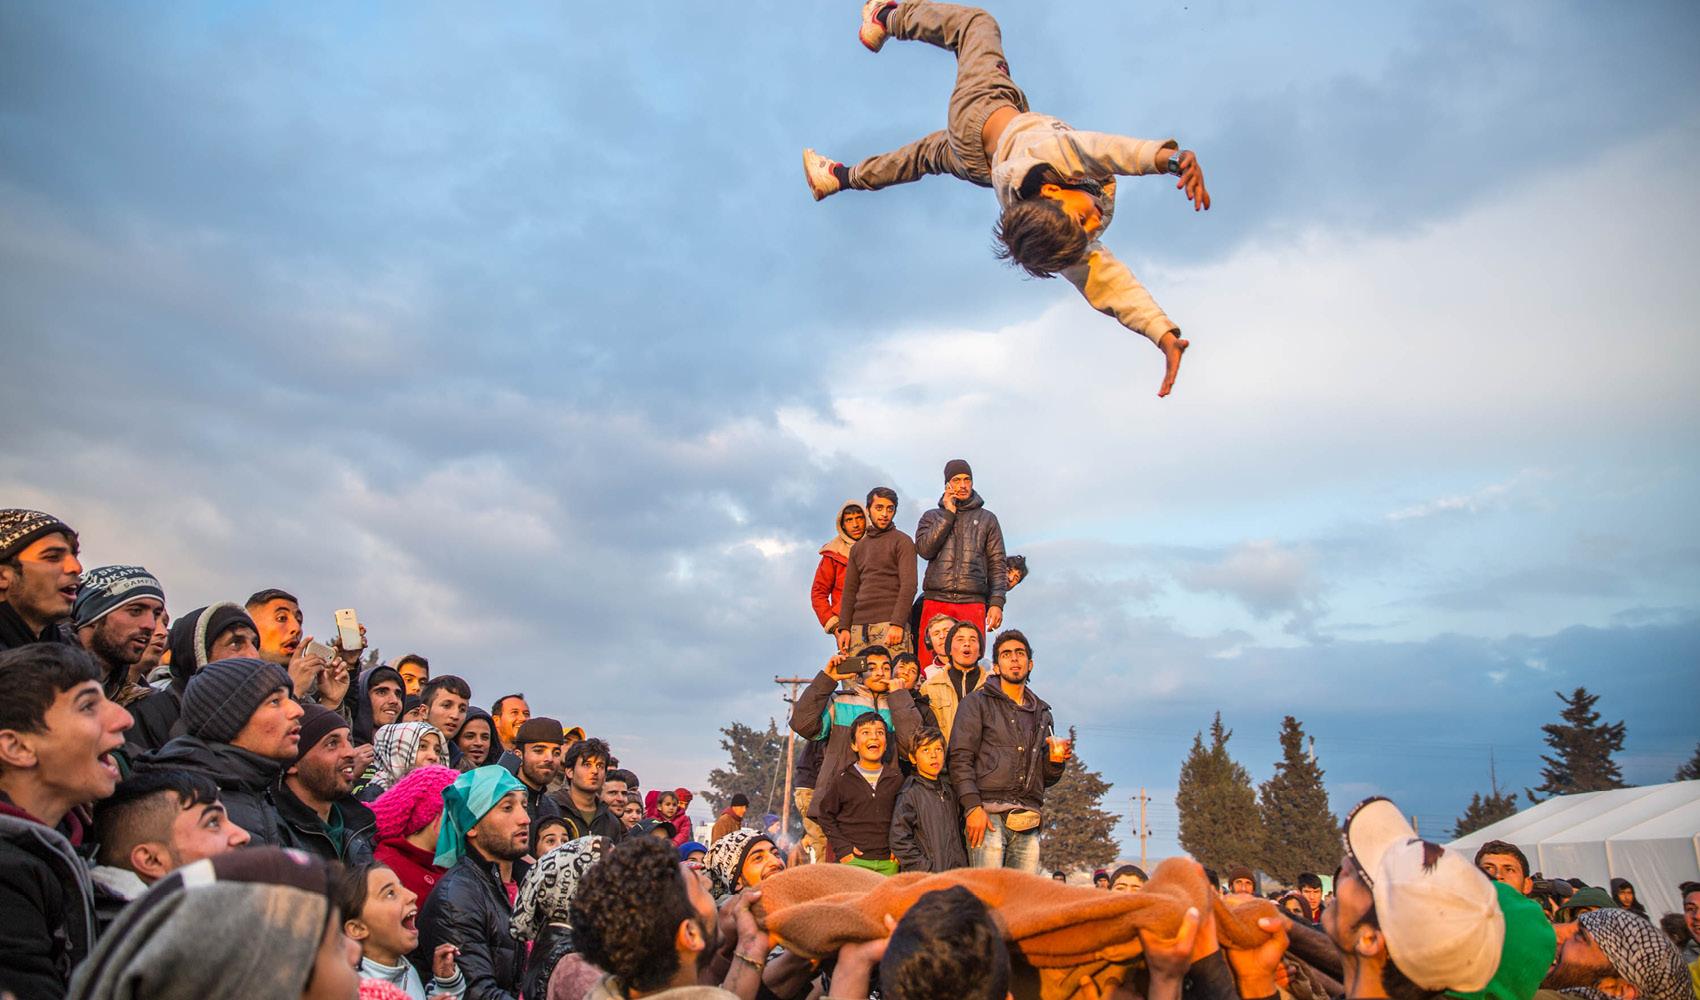 Bittet/Fordert bei euren Bundestagsabgeordenten die Auflösung der EU-Flüchtlingslager und Aufnahme in den EU-Ländern